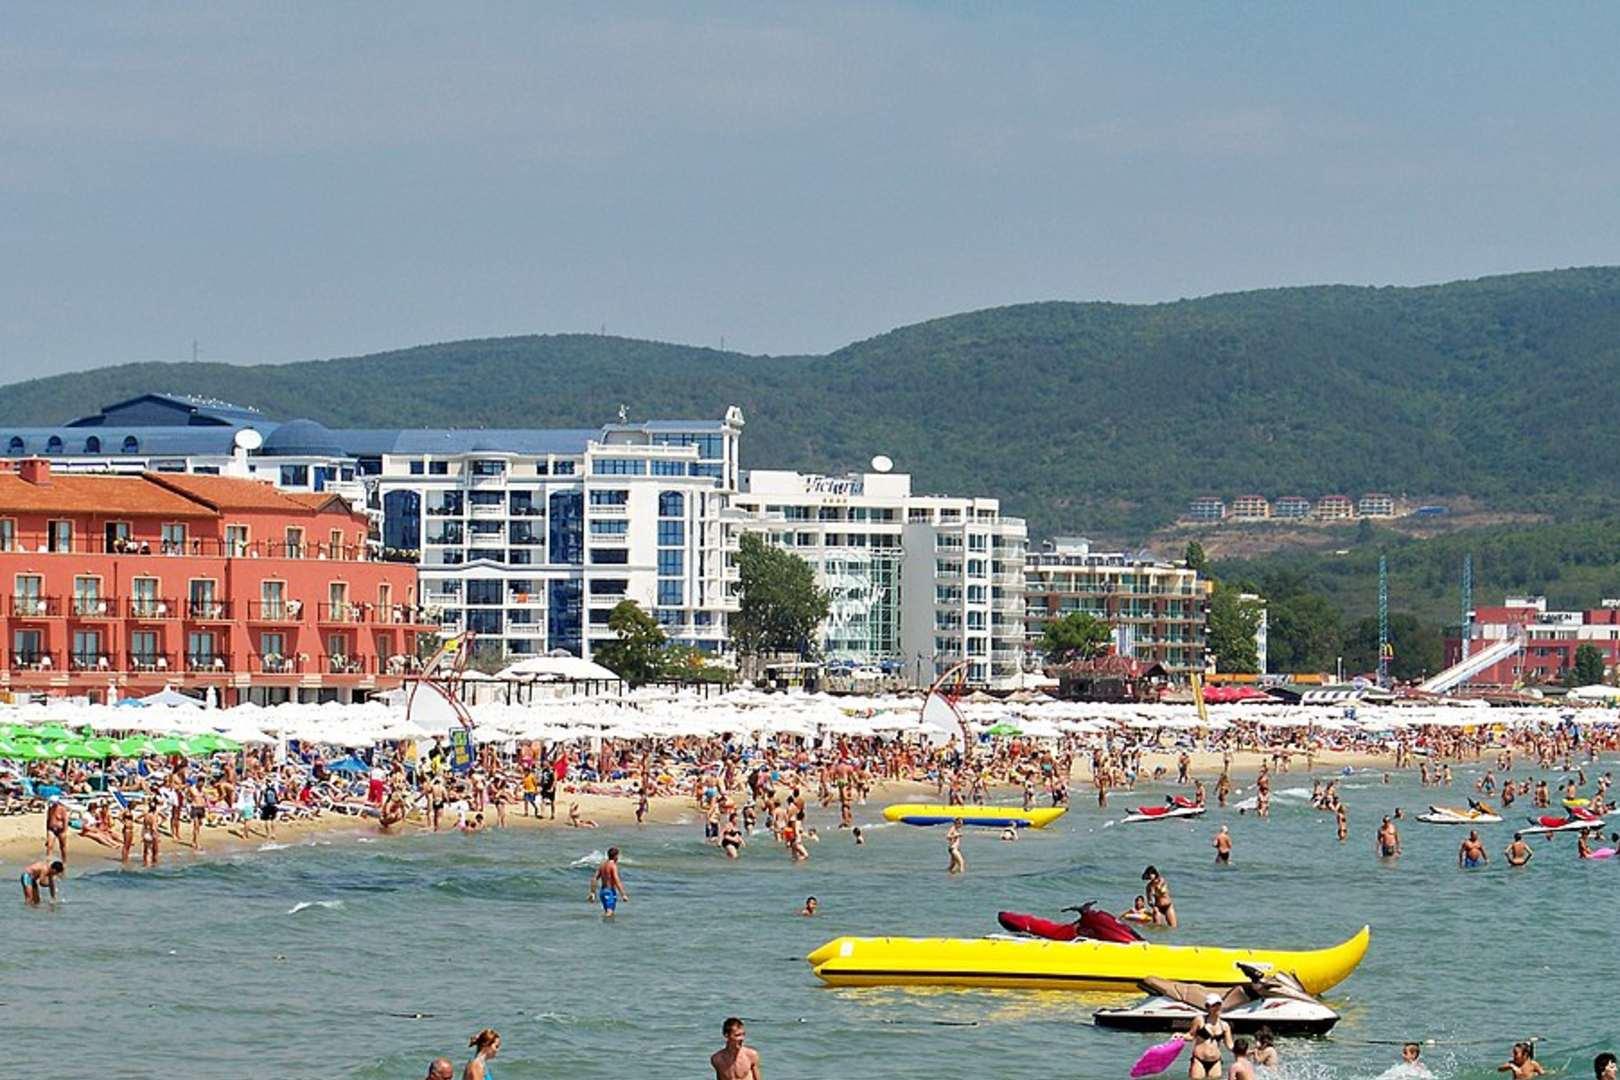 Bułgaria znosi lockdown